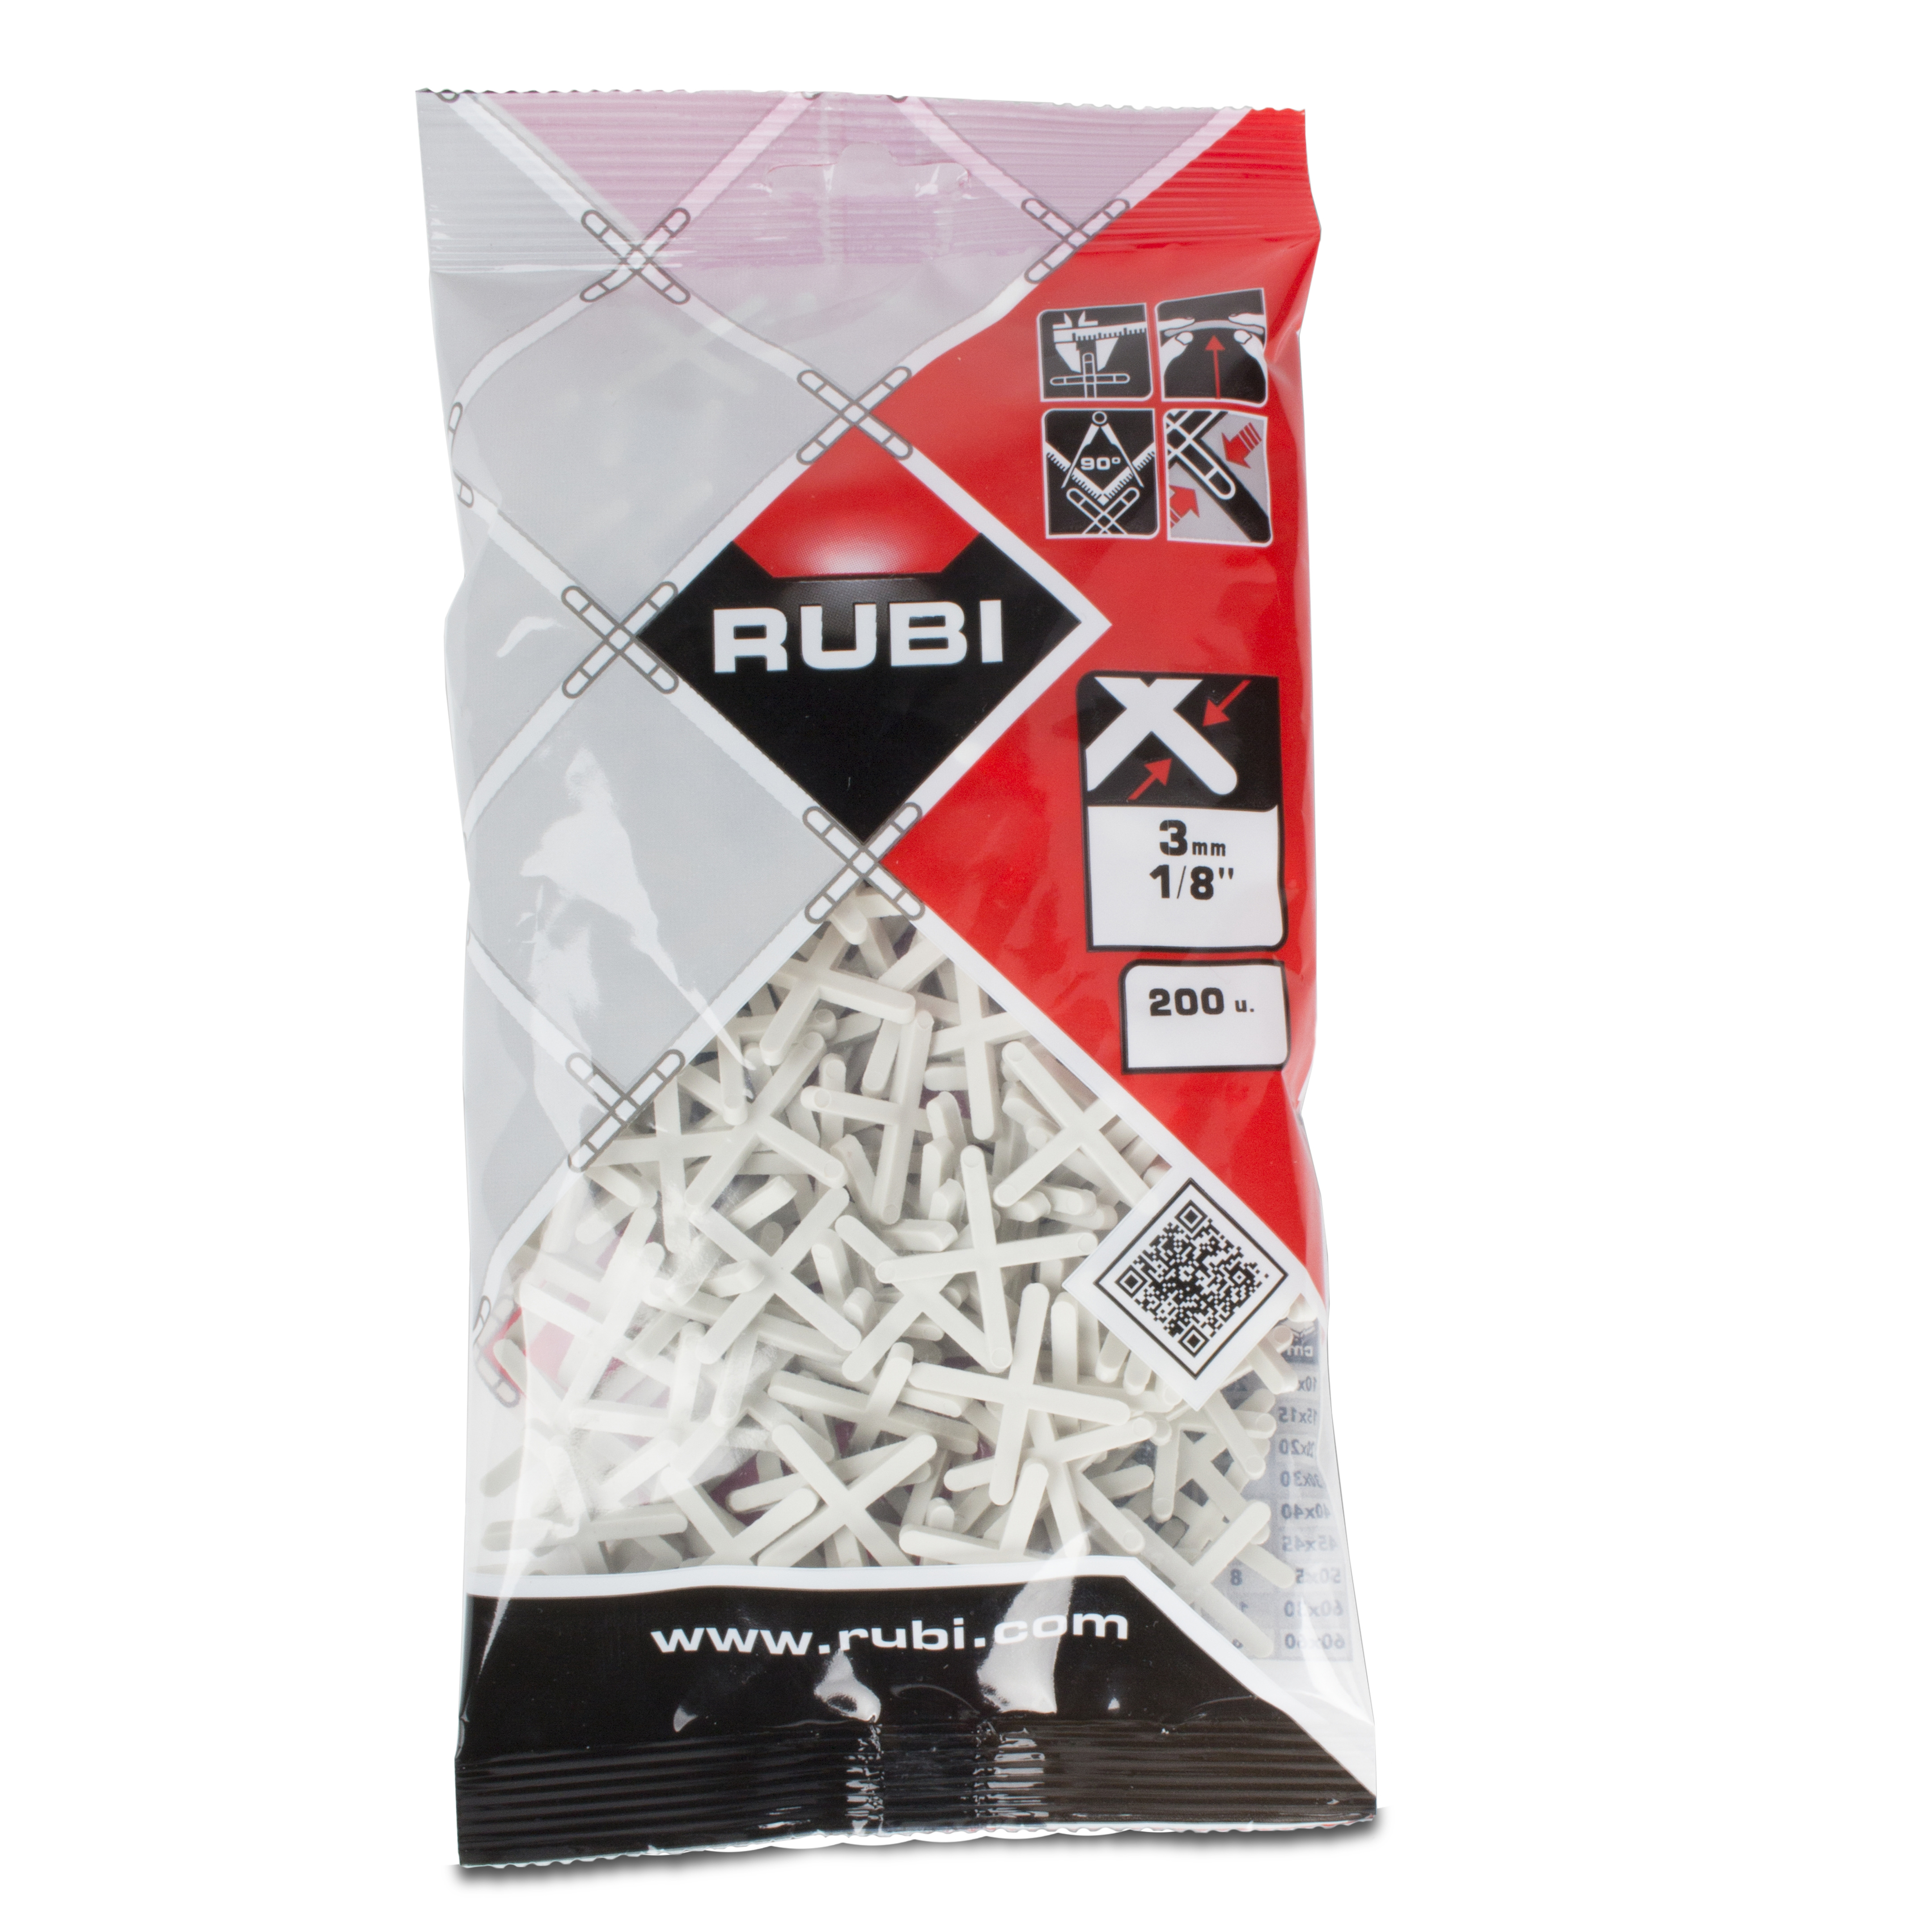 RUBI BOLSA CRUCETAS 3 M/M 200 UNID R 02902